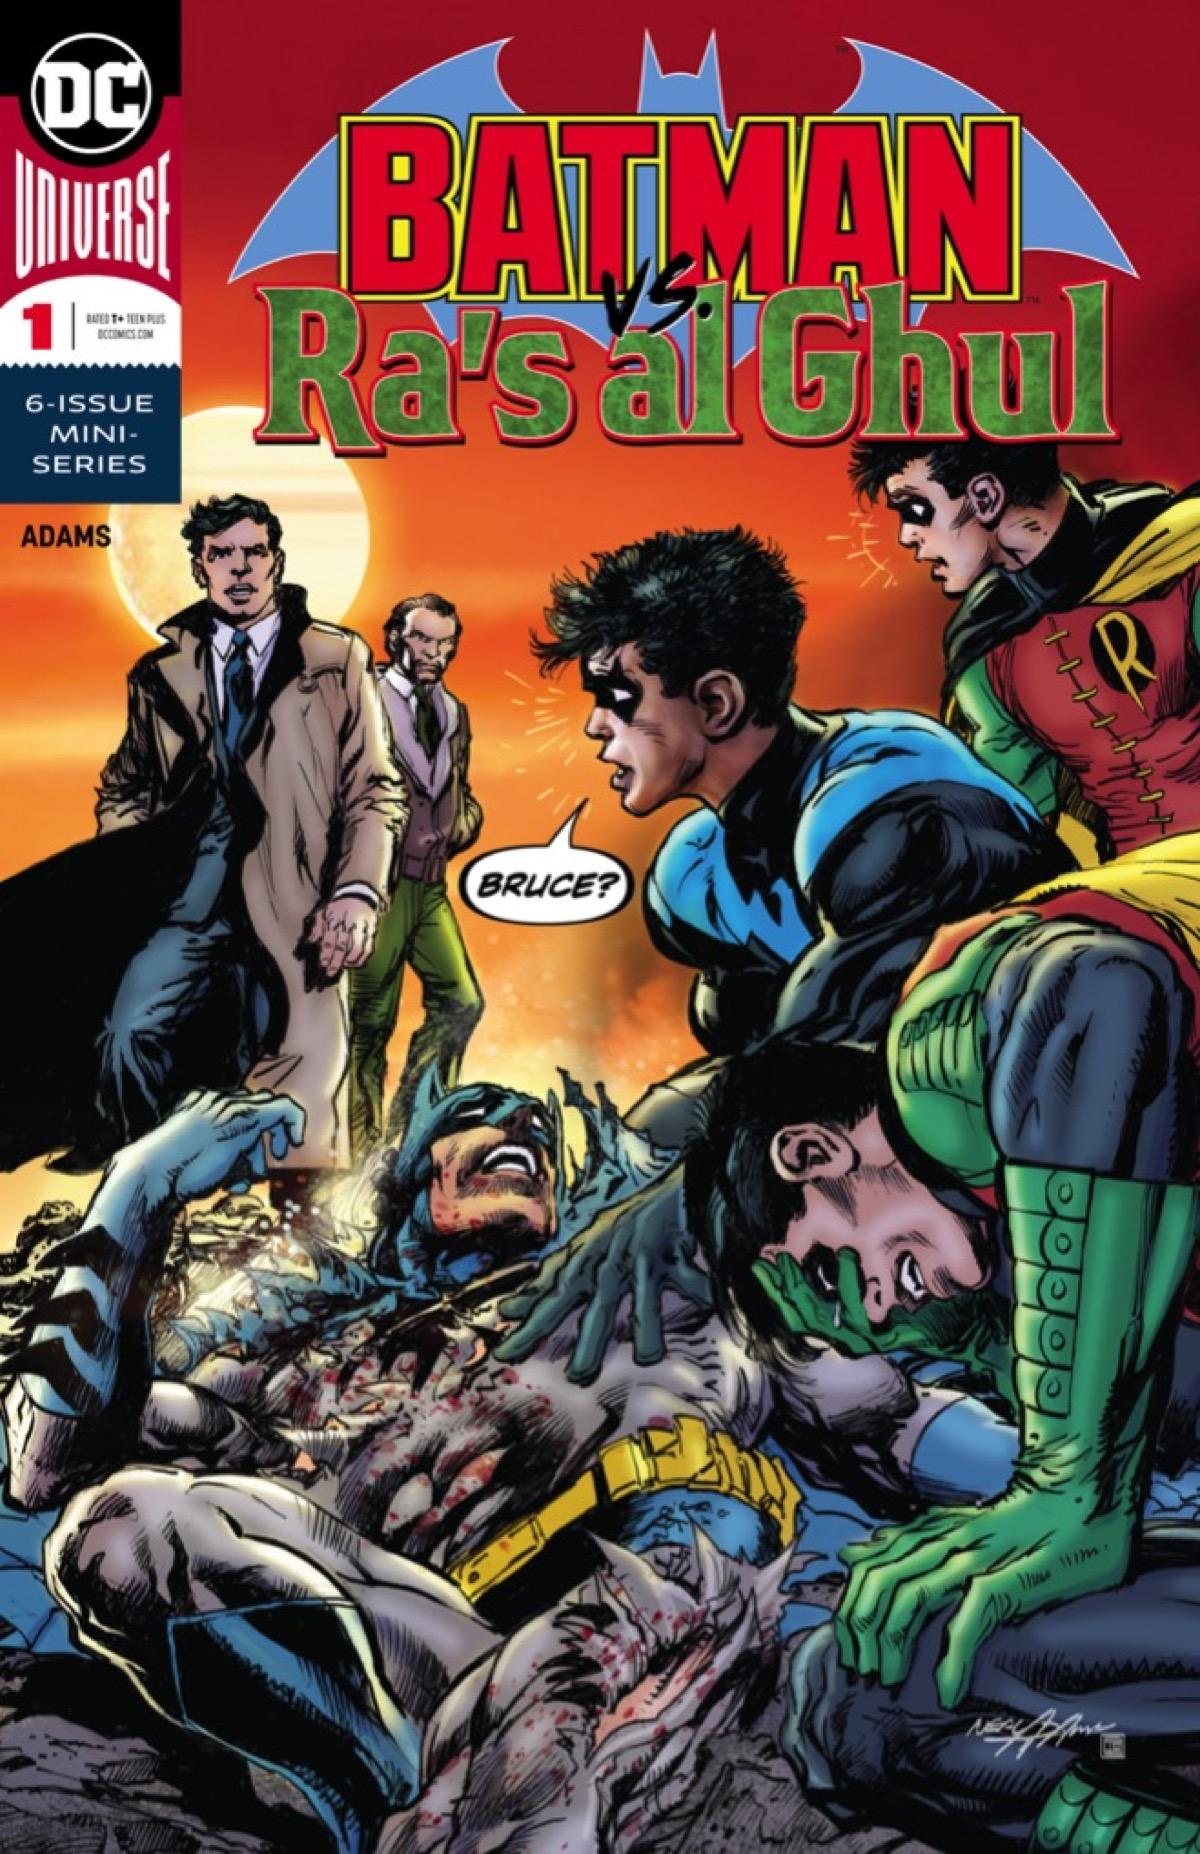 Batman vs. Animal Cruelty in this EXCLUSIVE Batman Vs. Ra's Al Ghul #1 Preview